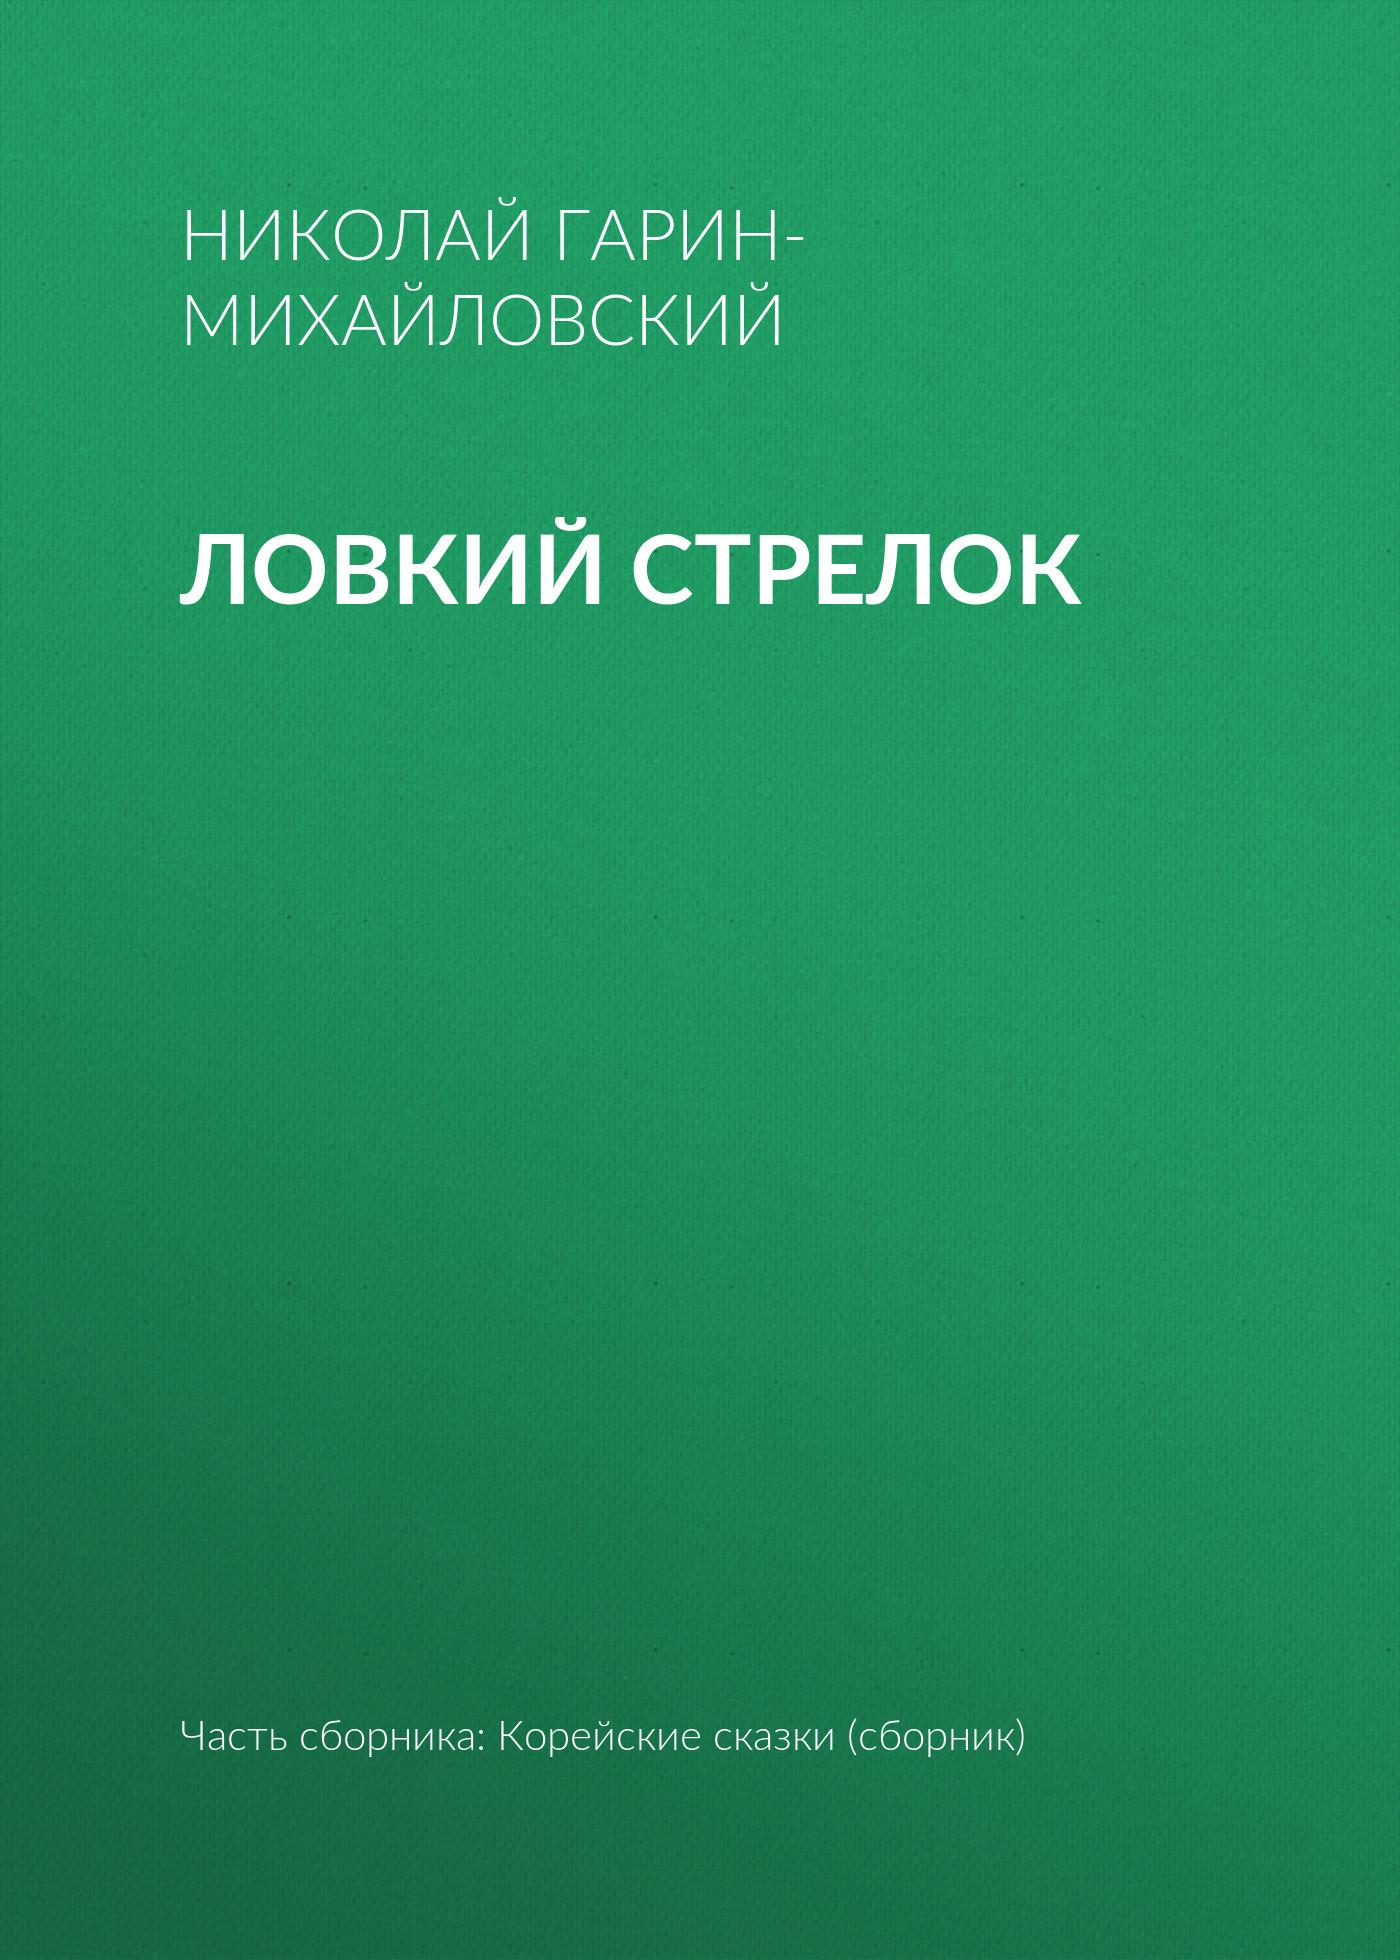 Николай Гарин-Михайловский Ловкий стрелок николай гарин михайловский счастье